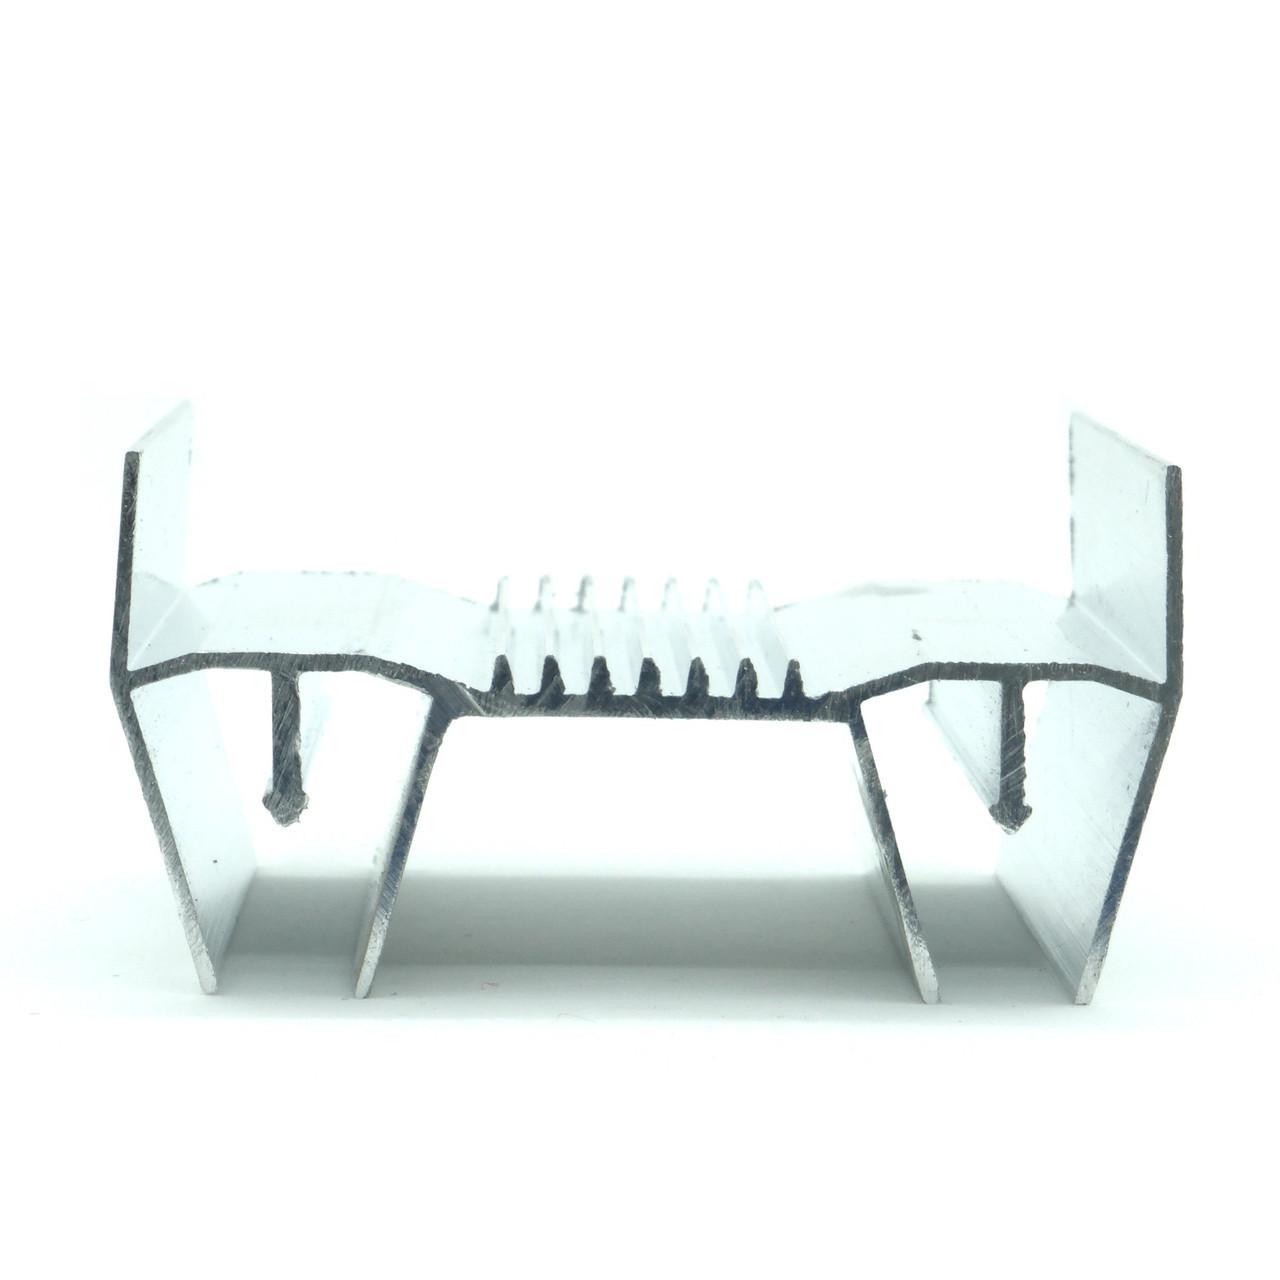 Профиль алюминиевый для натяжных потолков - парящая линия. Длина профиля 2,5 м.